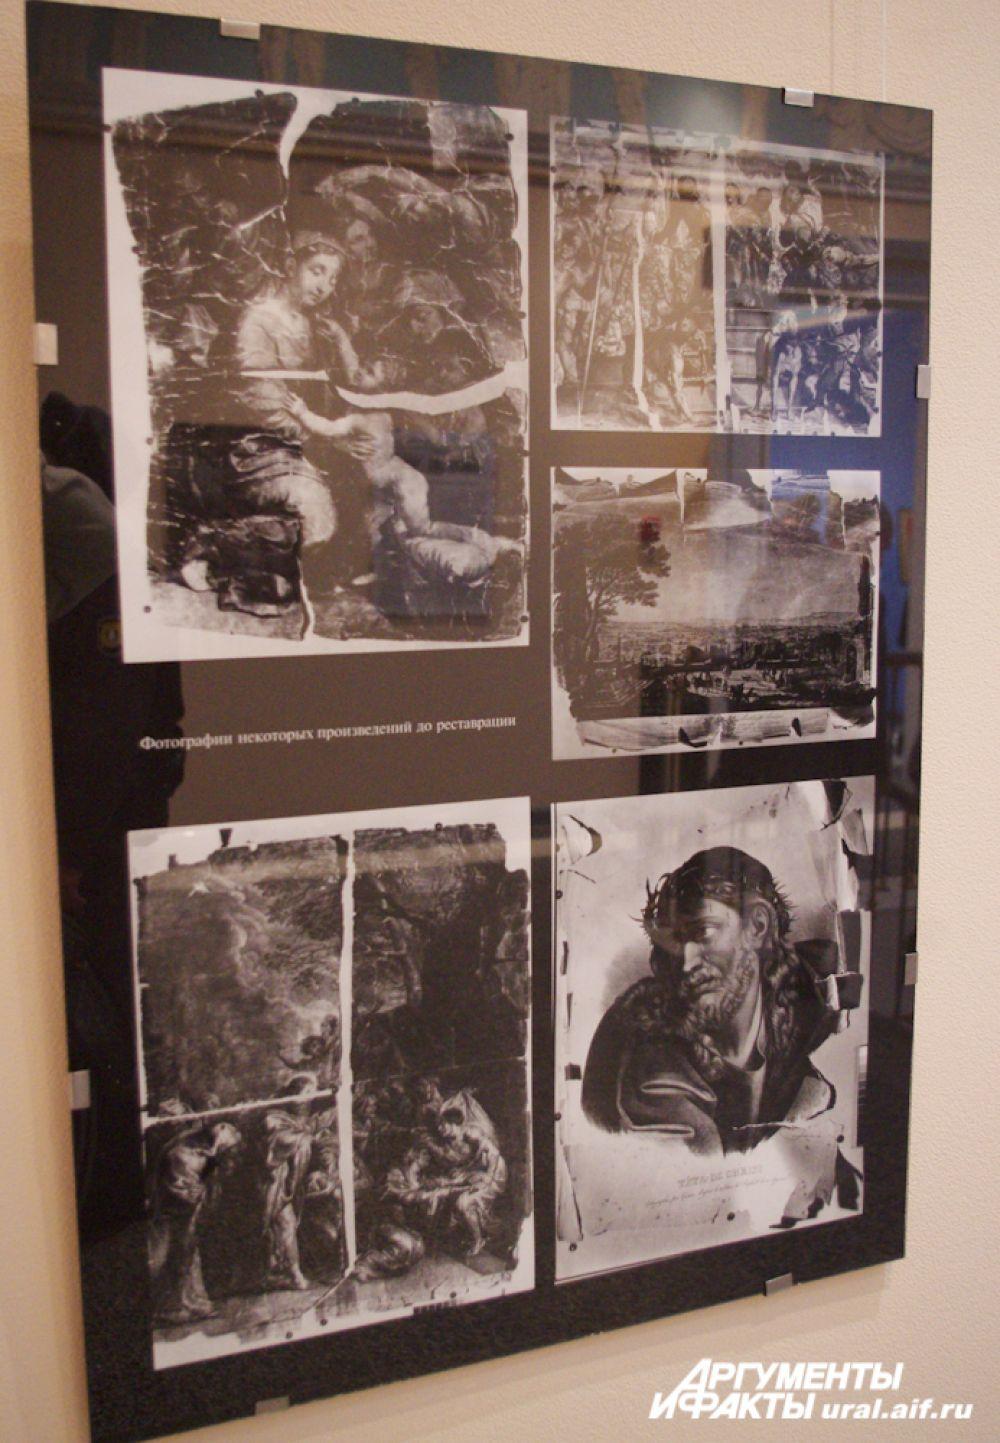 Именно в таком состоянии достались когда-то листы уральскому музею.